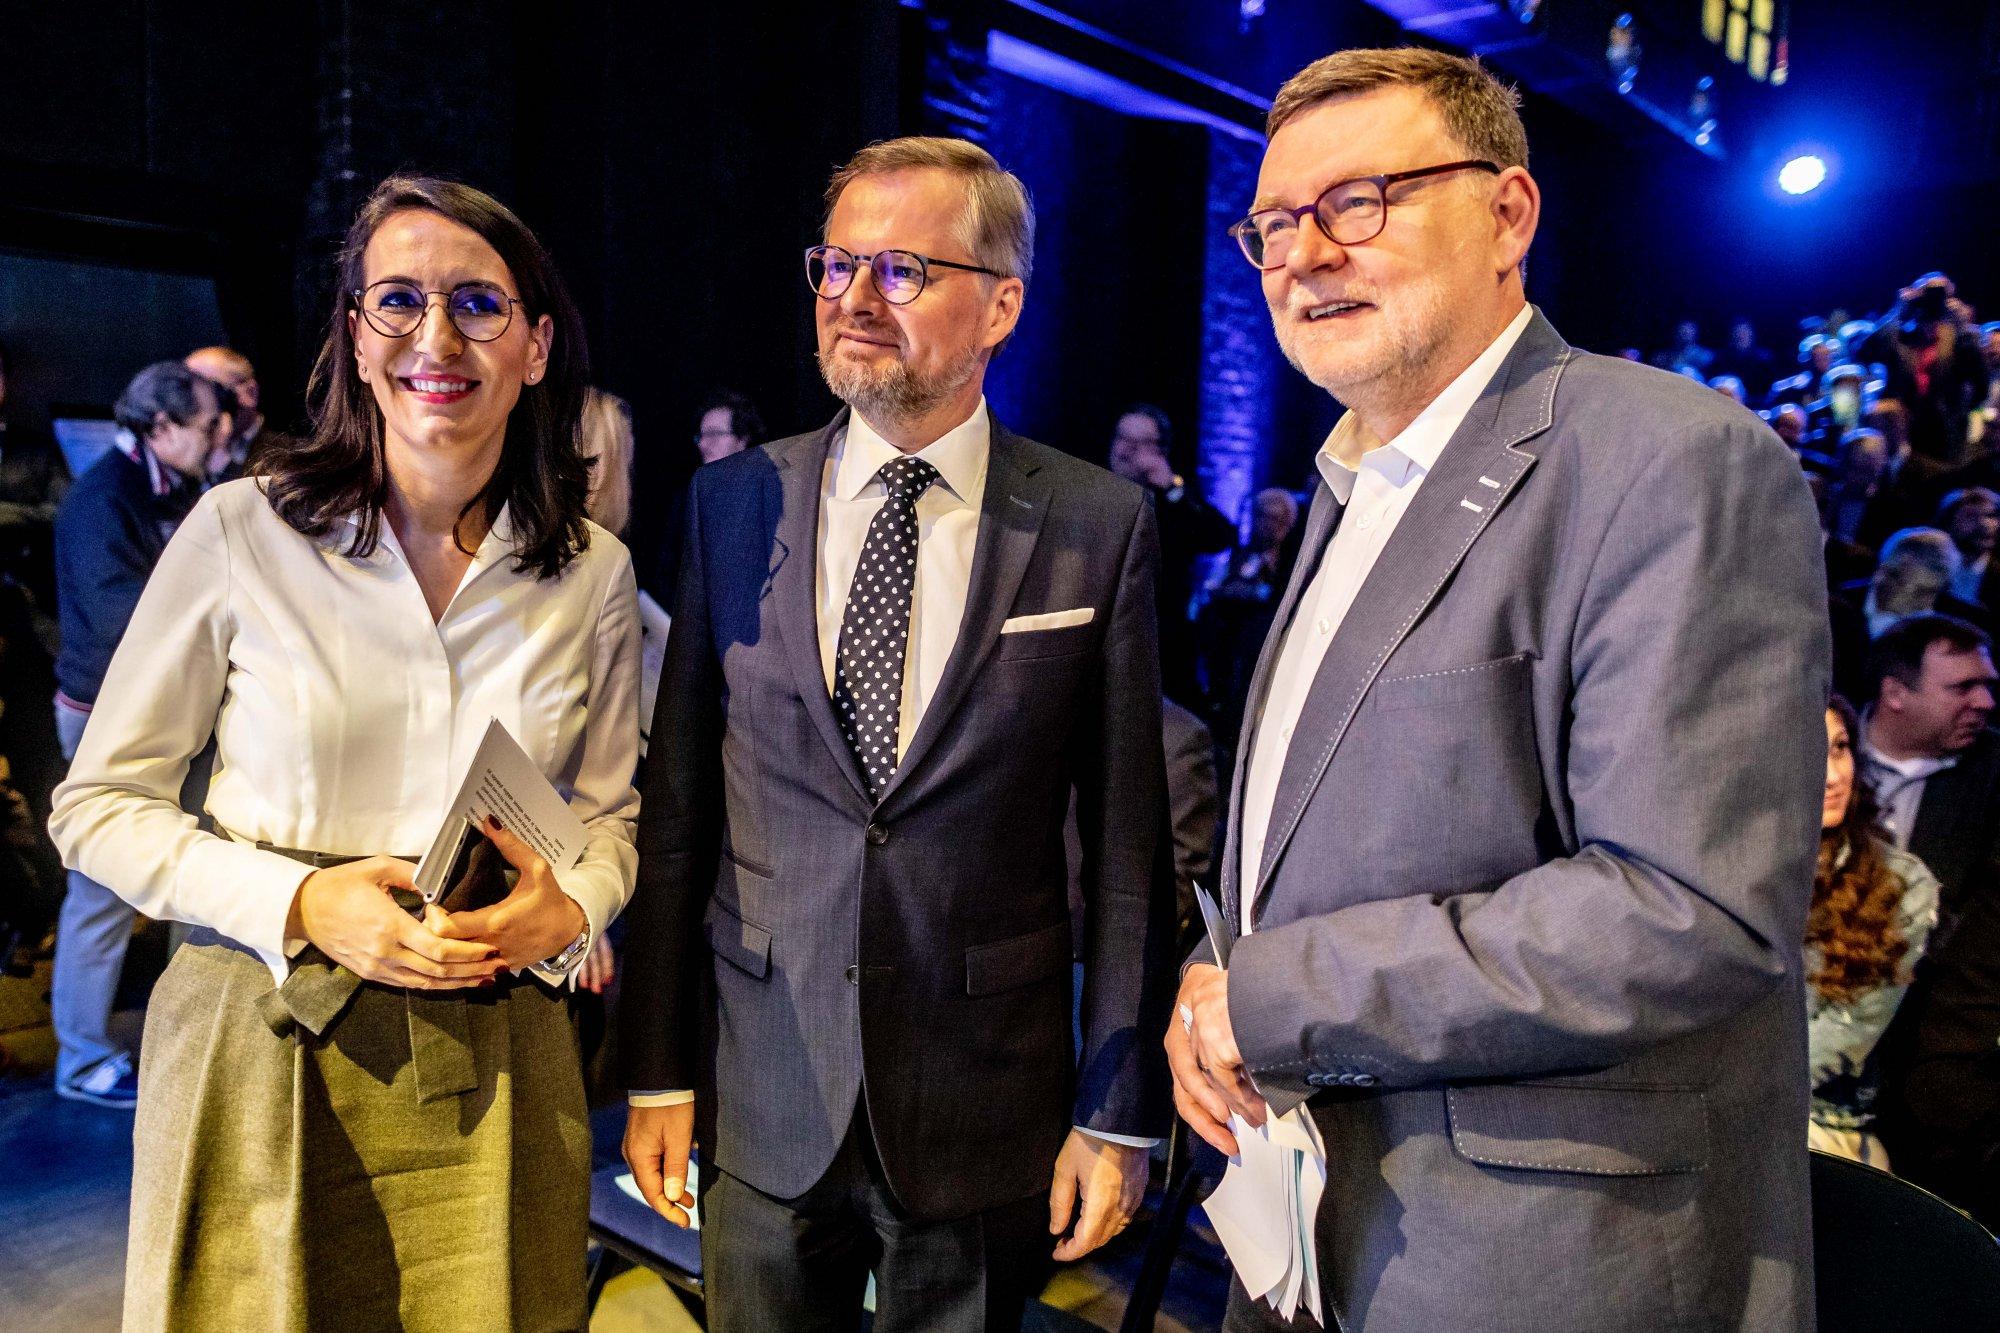 ODS: Kampaň za změnu začíná. Máme plán, jak dostat ČR mezi nejúspěšnější země světa